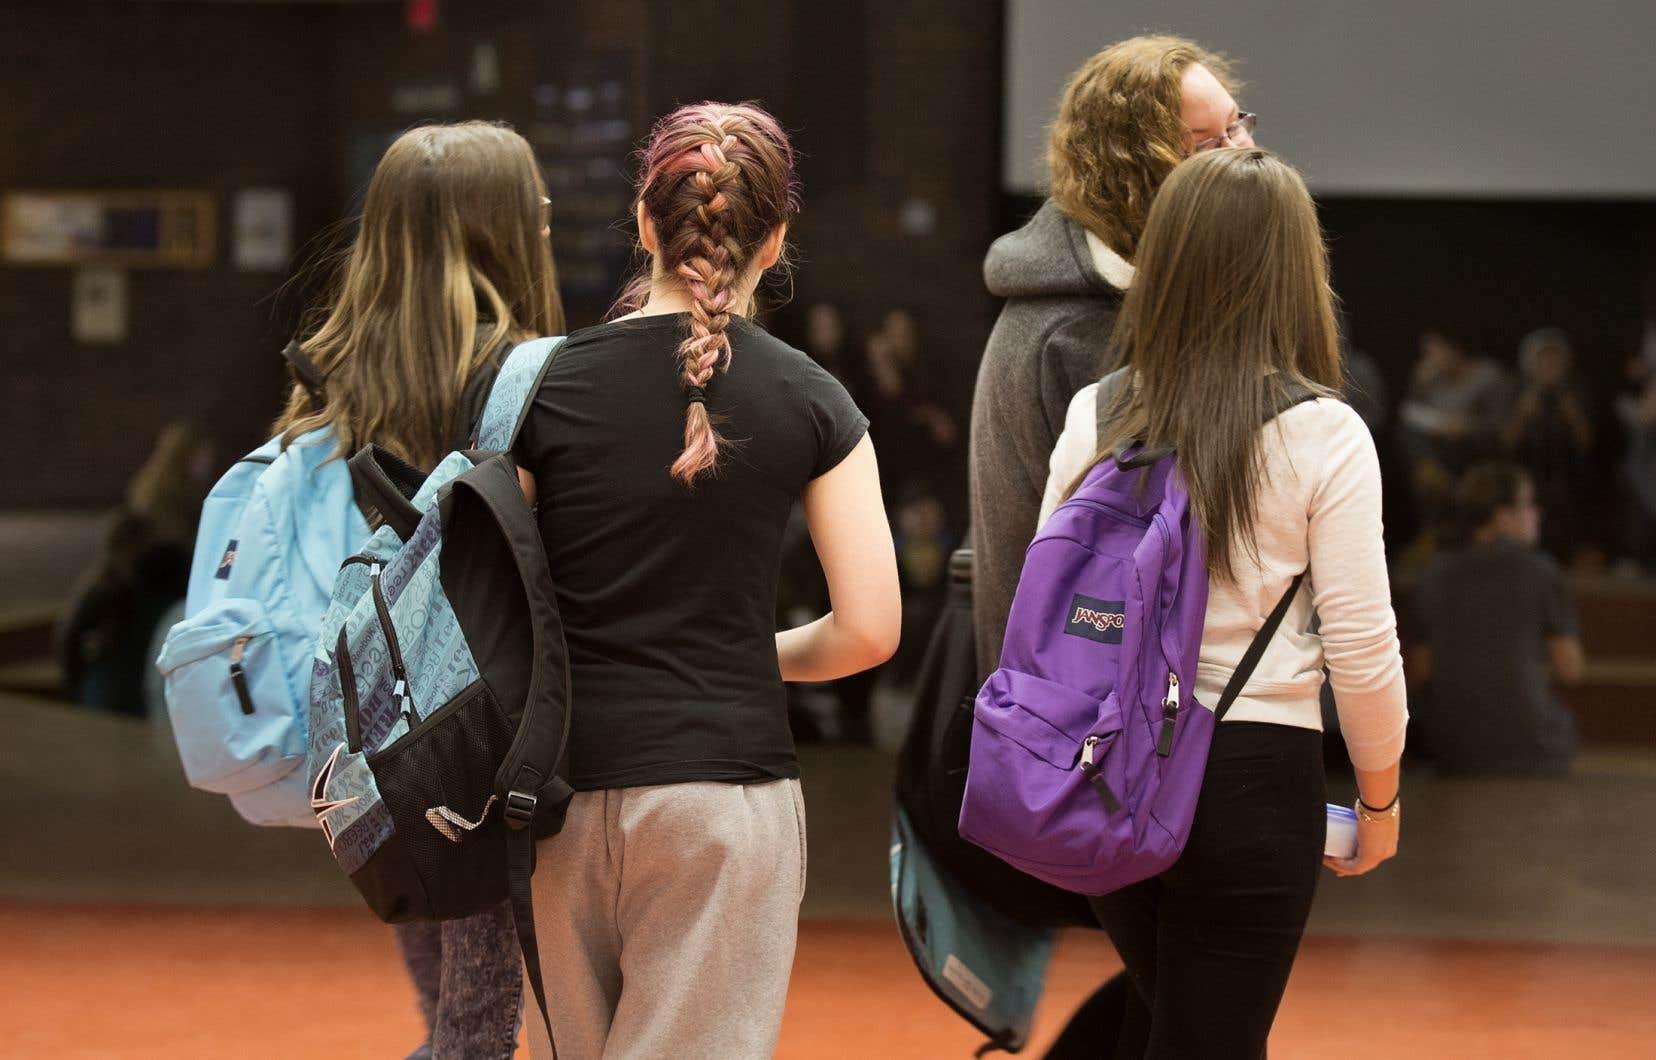 Selon des chercheurs, les jeunes d'aujourd'hui sont exposés à une diversité sexuelle que leurs parents n'auraient pu soupçonner quand ils avaient le même âge.